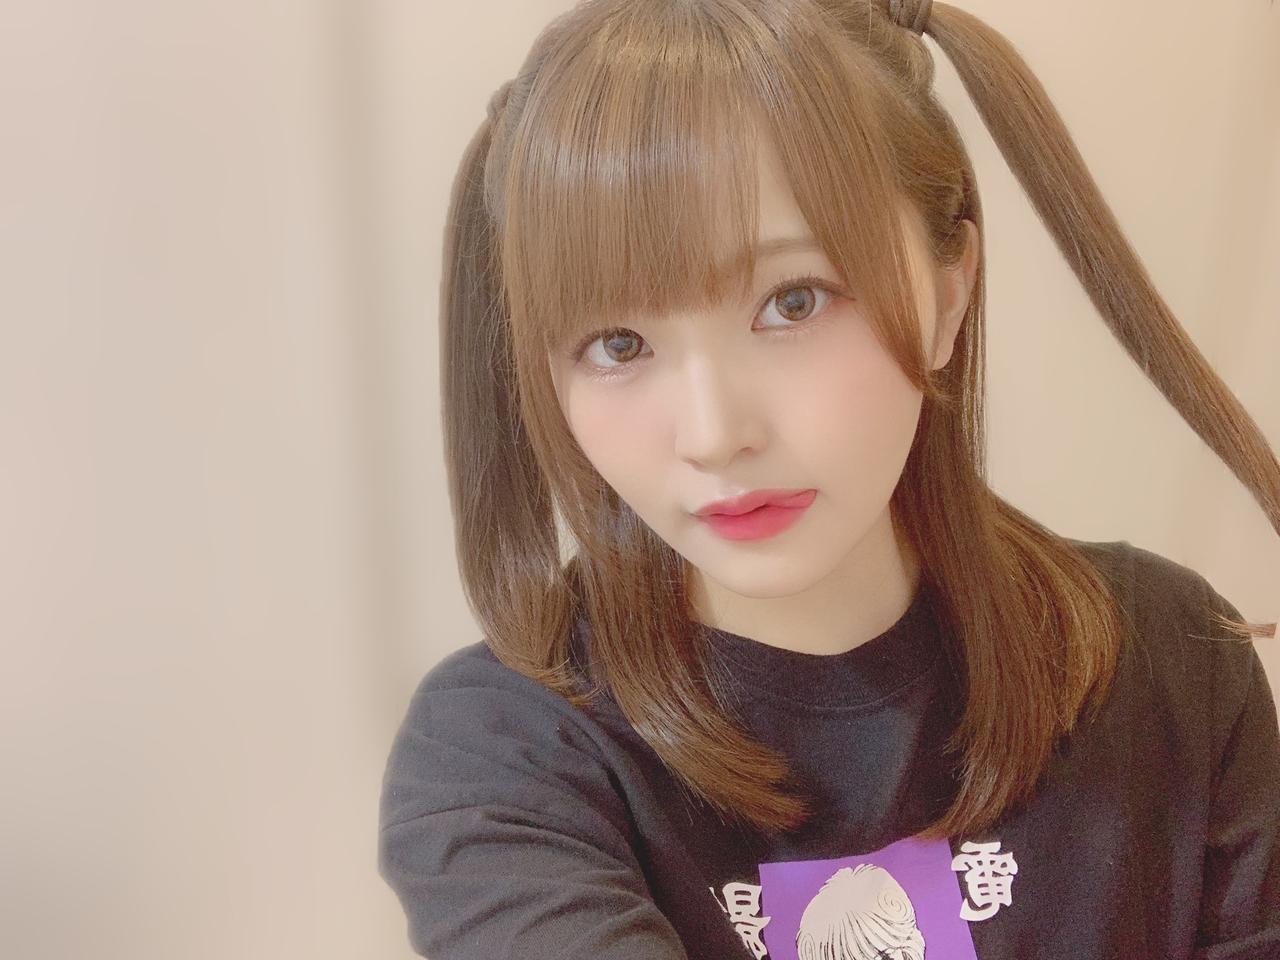 高瀬愛奈さんの「ハーフツインまなふぃ🐶」